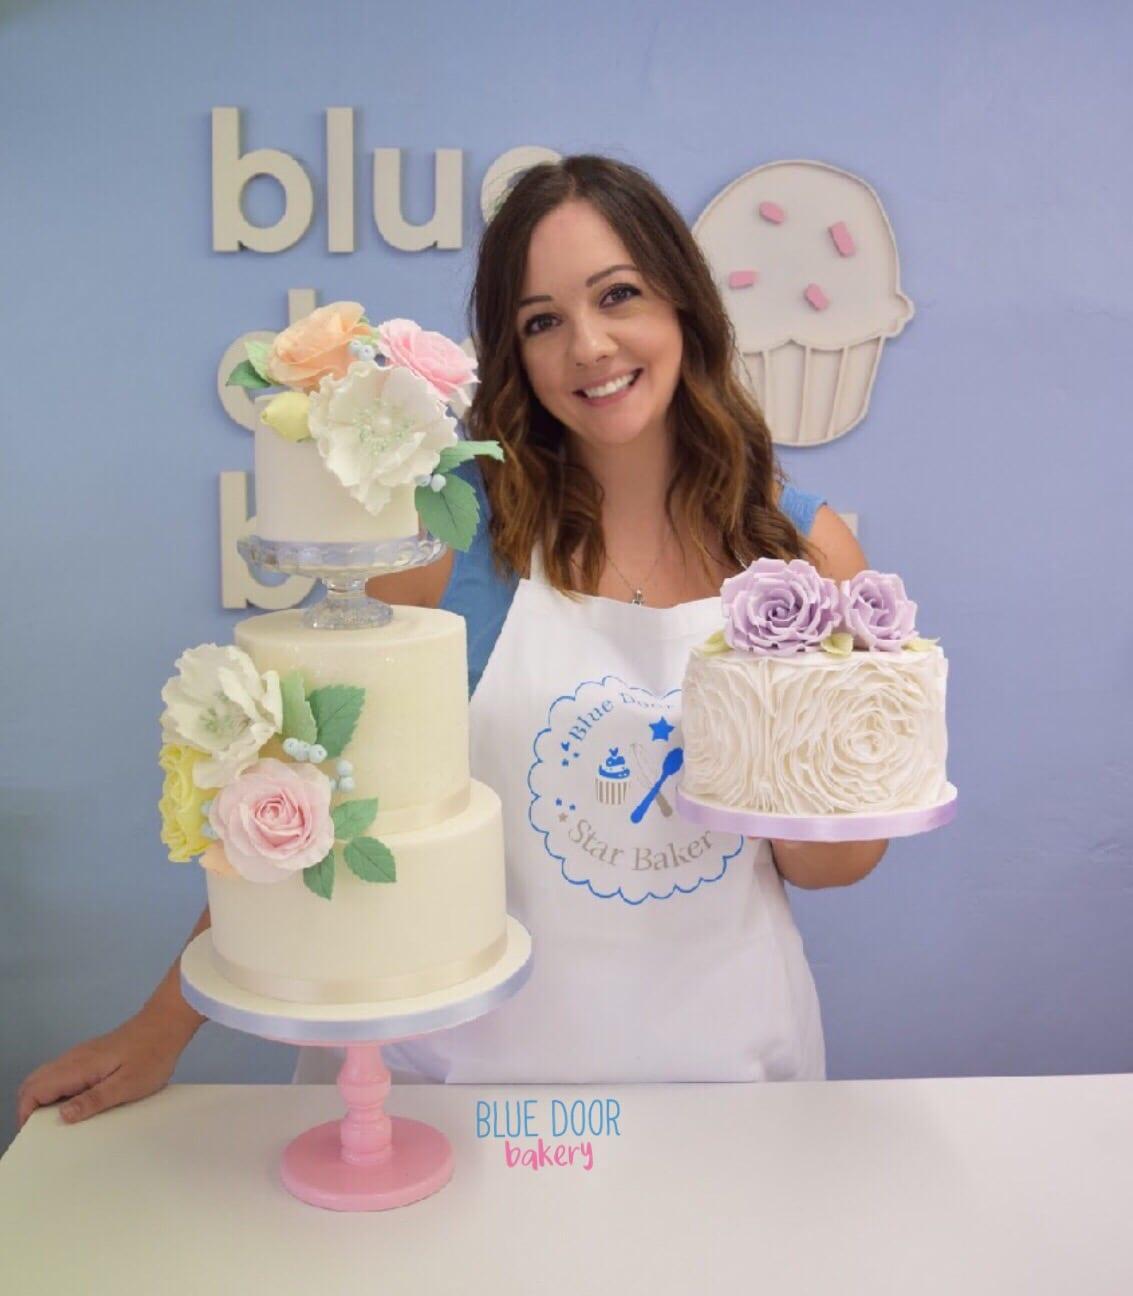 Dani from Blue Door Bakery in Redditch near Birmingham.